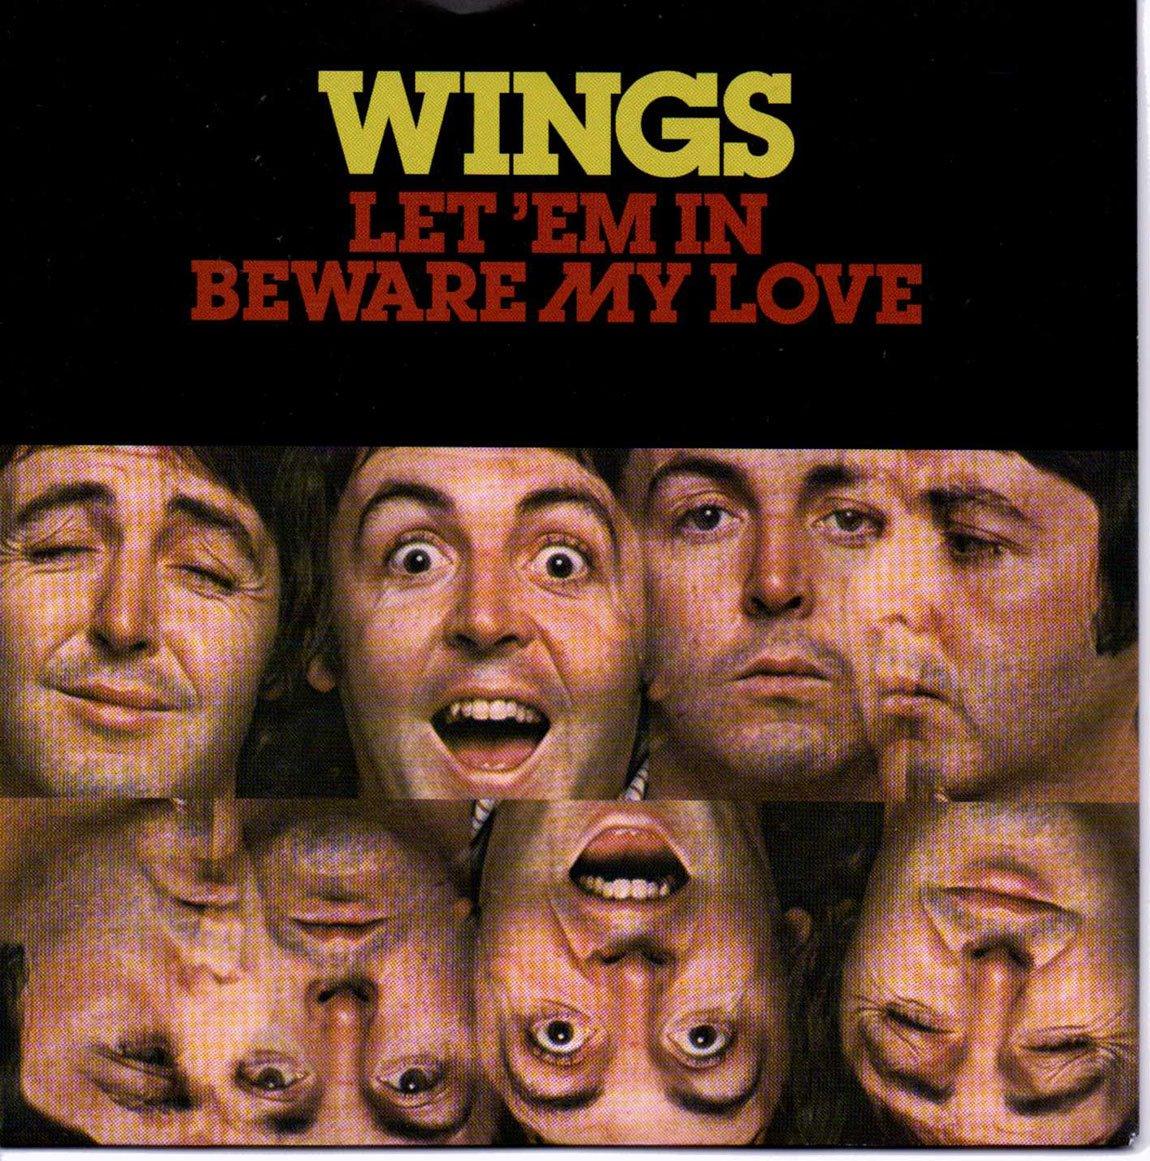 Paul McCartney – Let 'EmIn